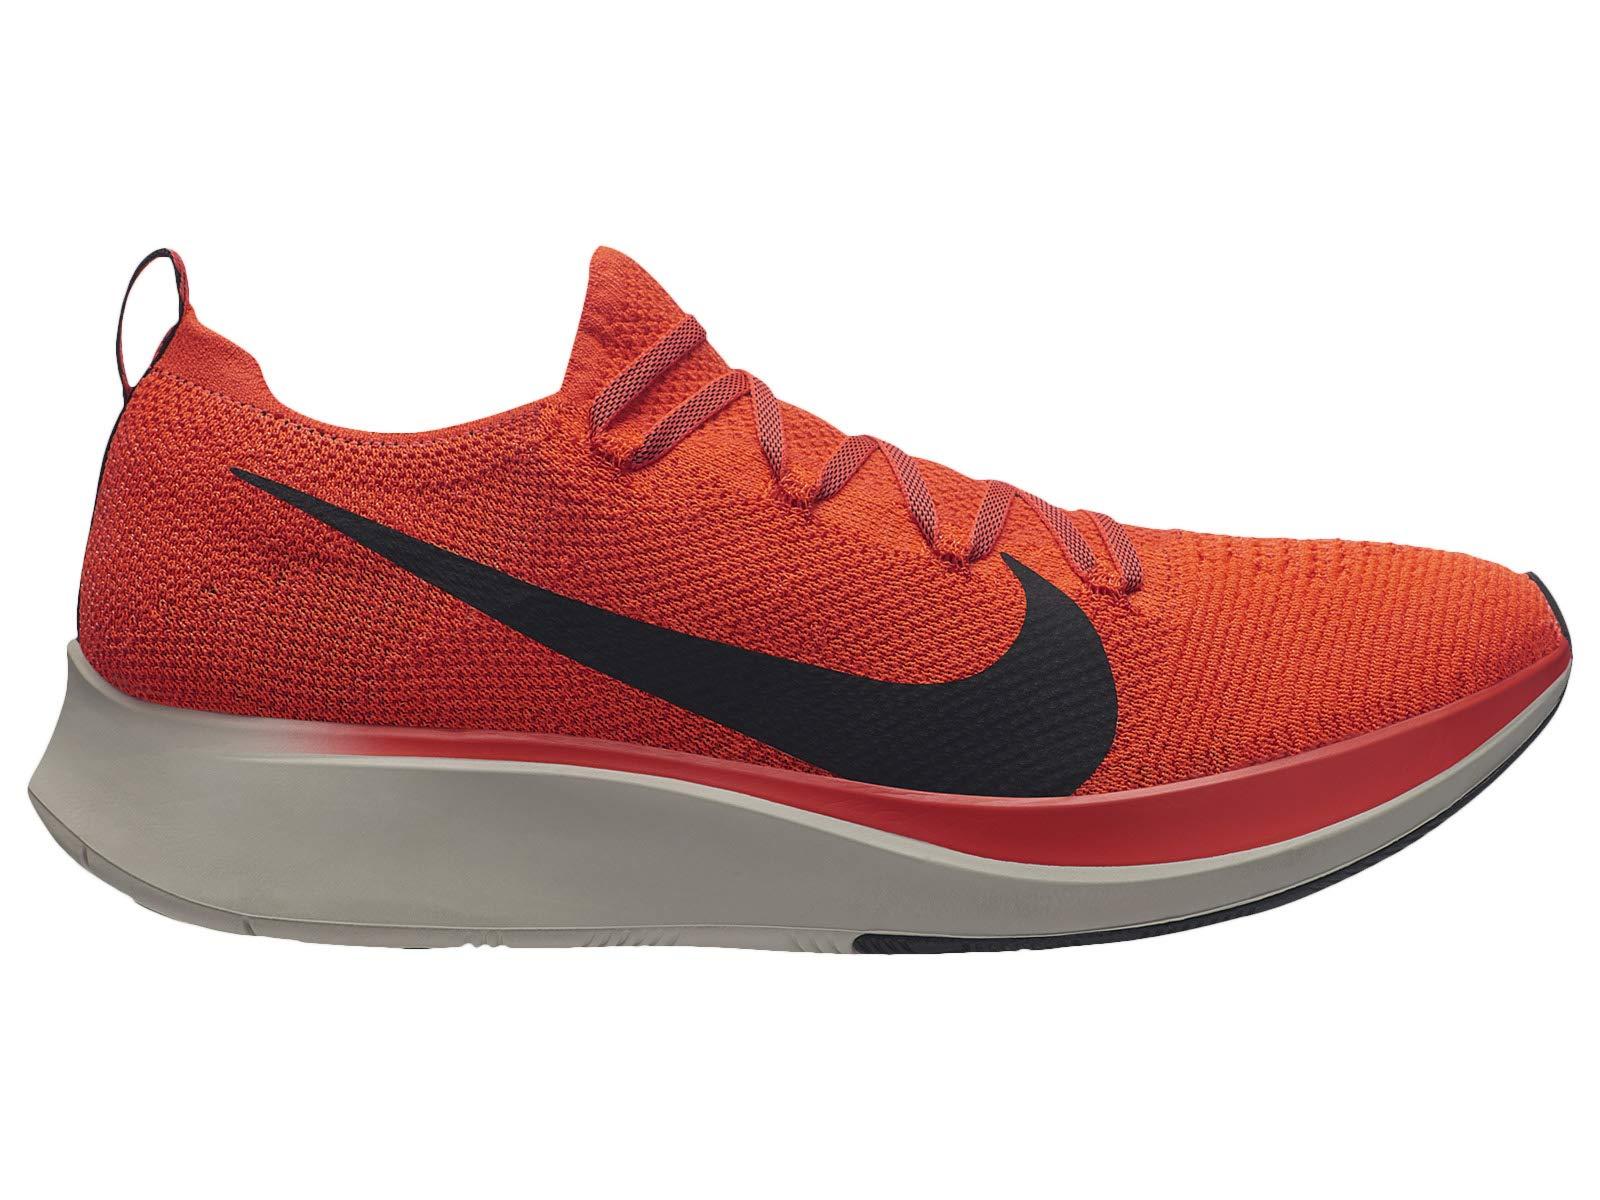 Nike Zoom Fly Flyknit Men's Running Shoe Bright Crimson/Black-Total Crimson Size 8